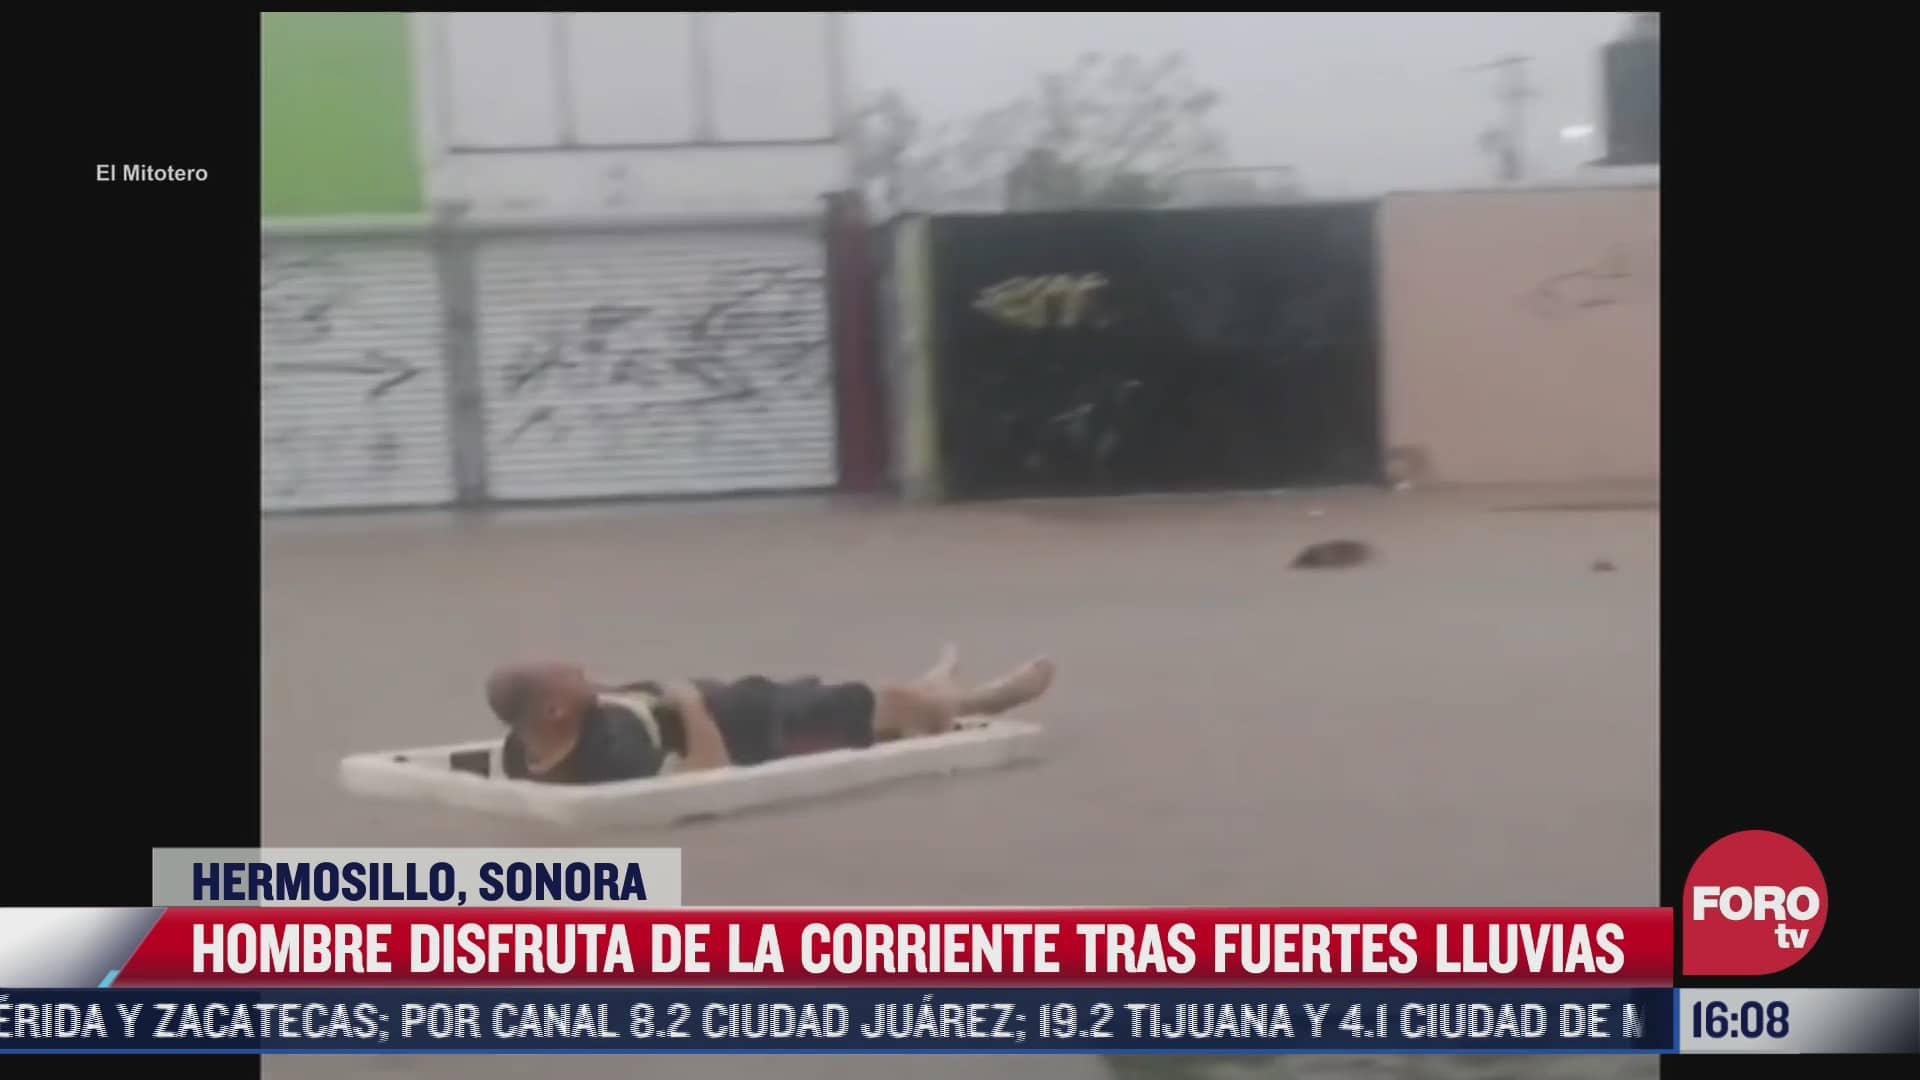 hombre disfruta de la corriente en inundacion tras lluvias